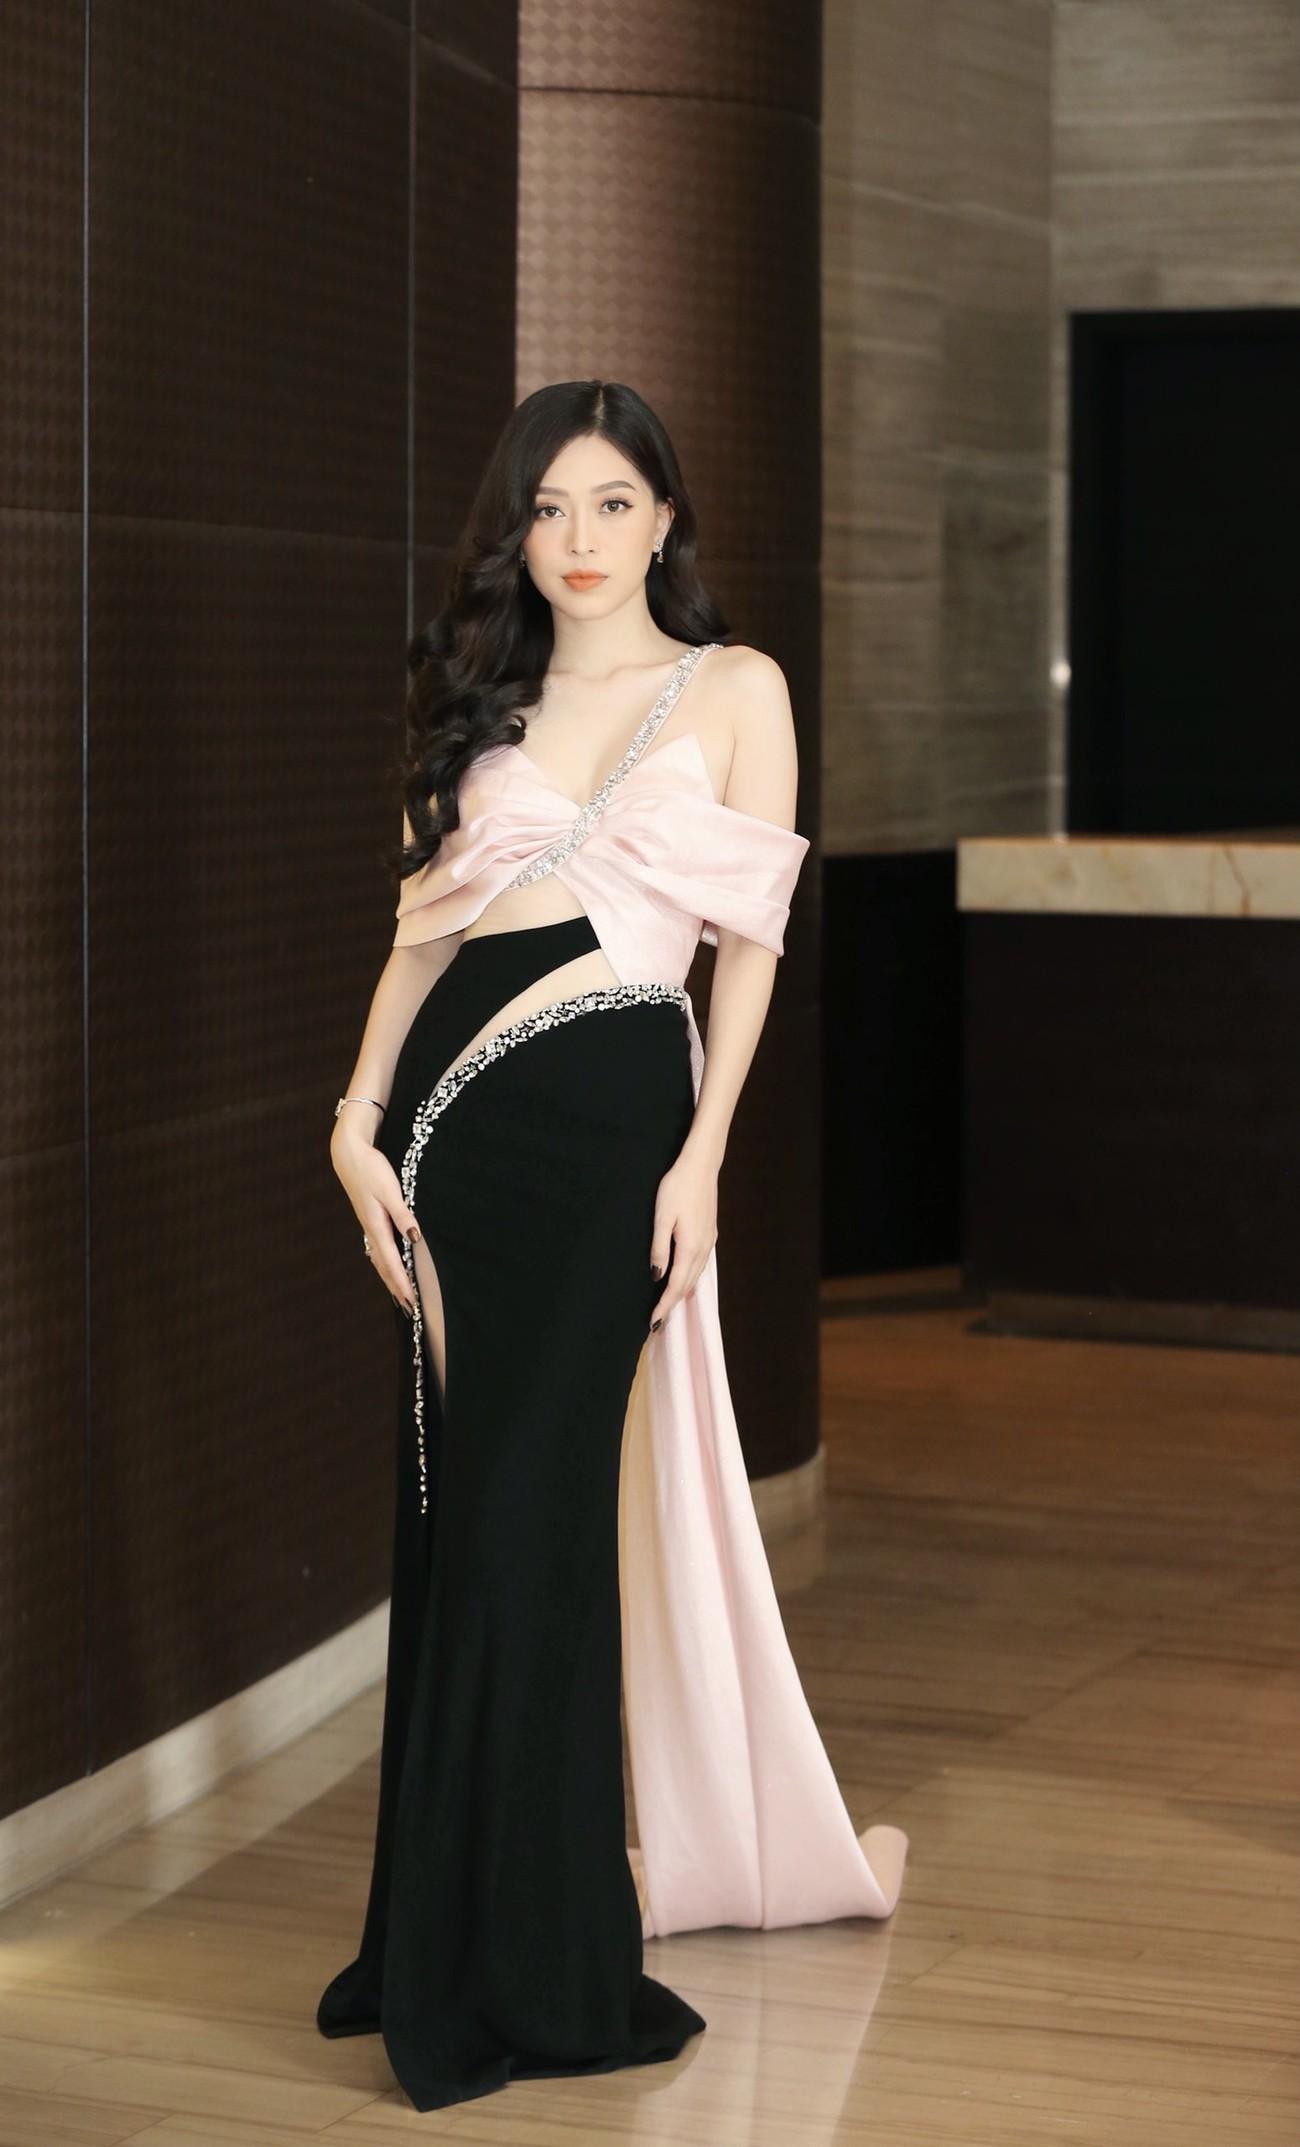 Dàn Hoa hậu, Á hậu khoe dáng nóng bỏng tại họp báo Chung kết toàn quốc HHVN 2020 ảnh 5